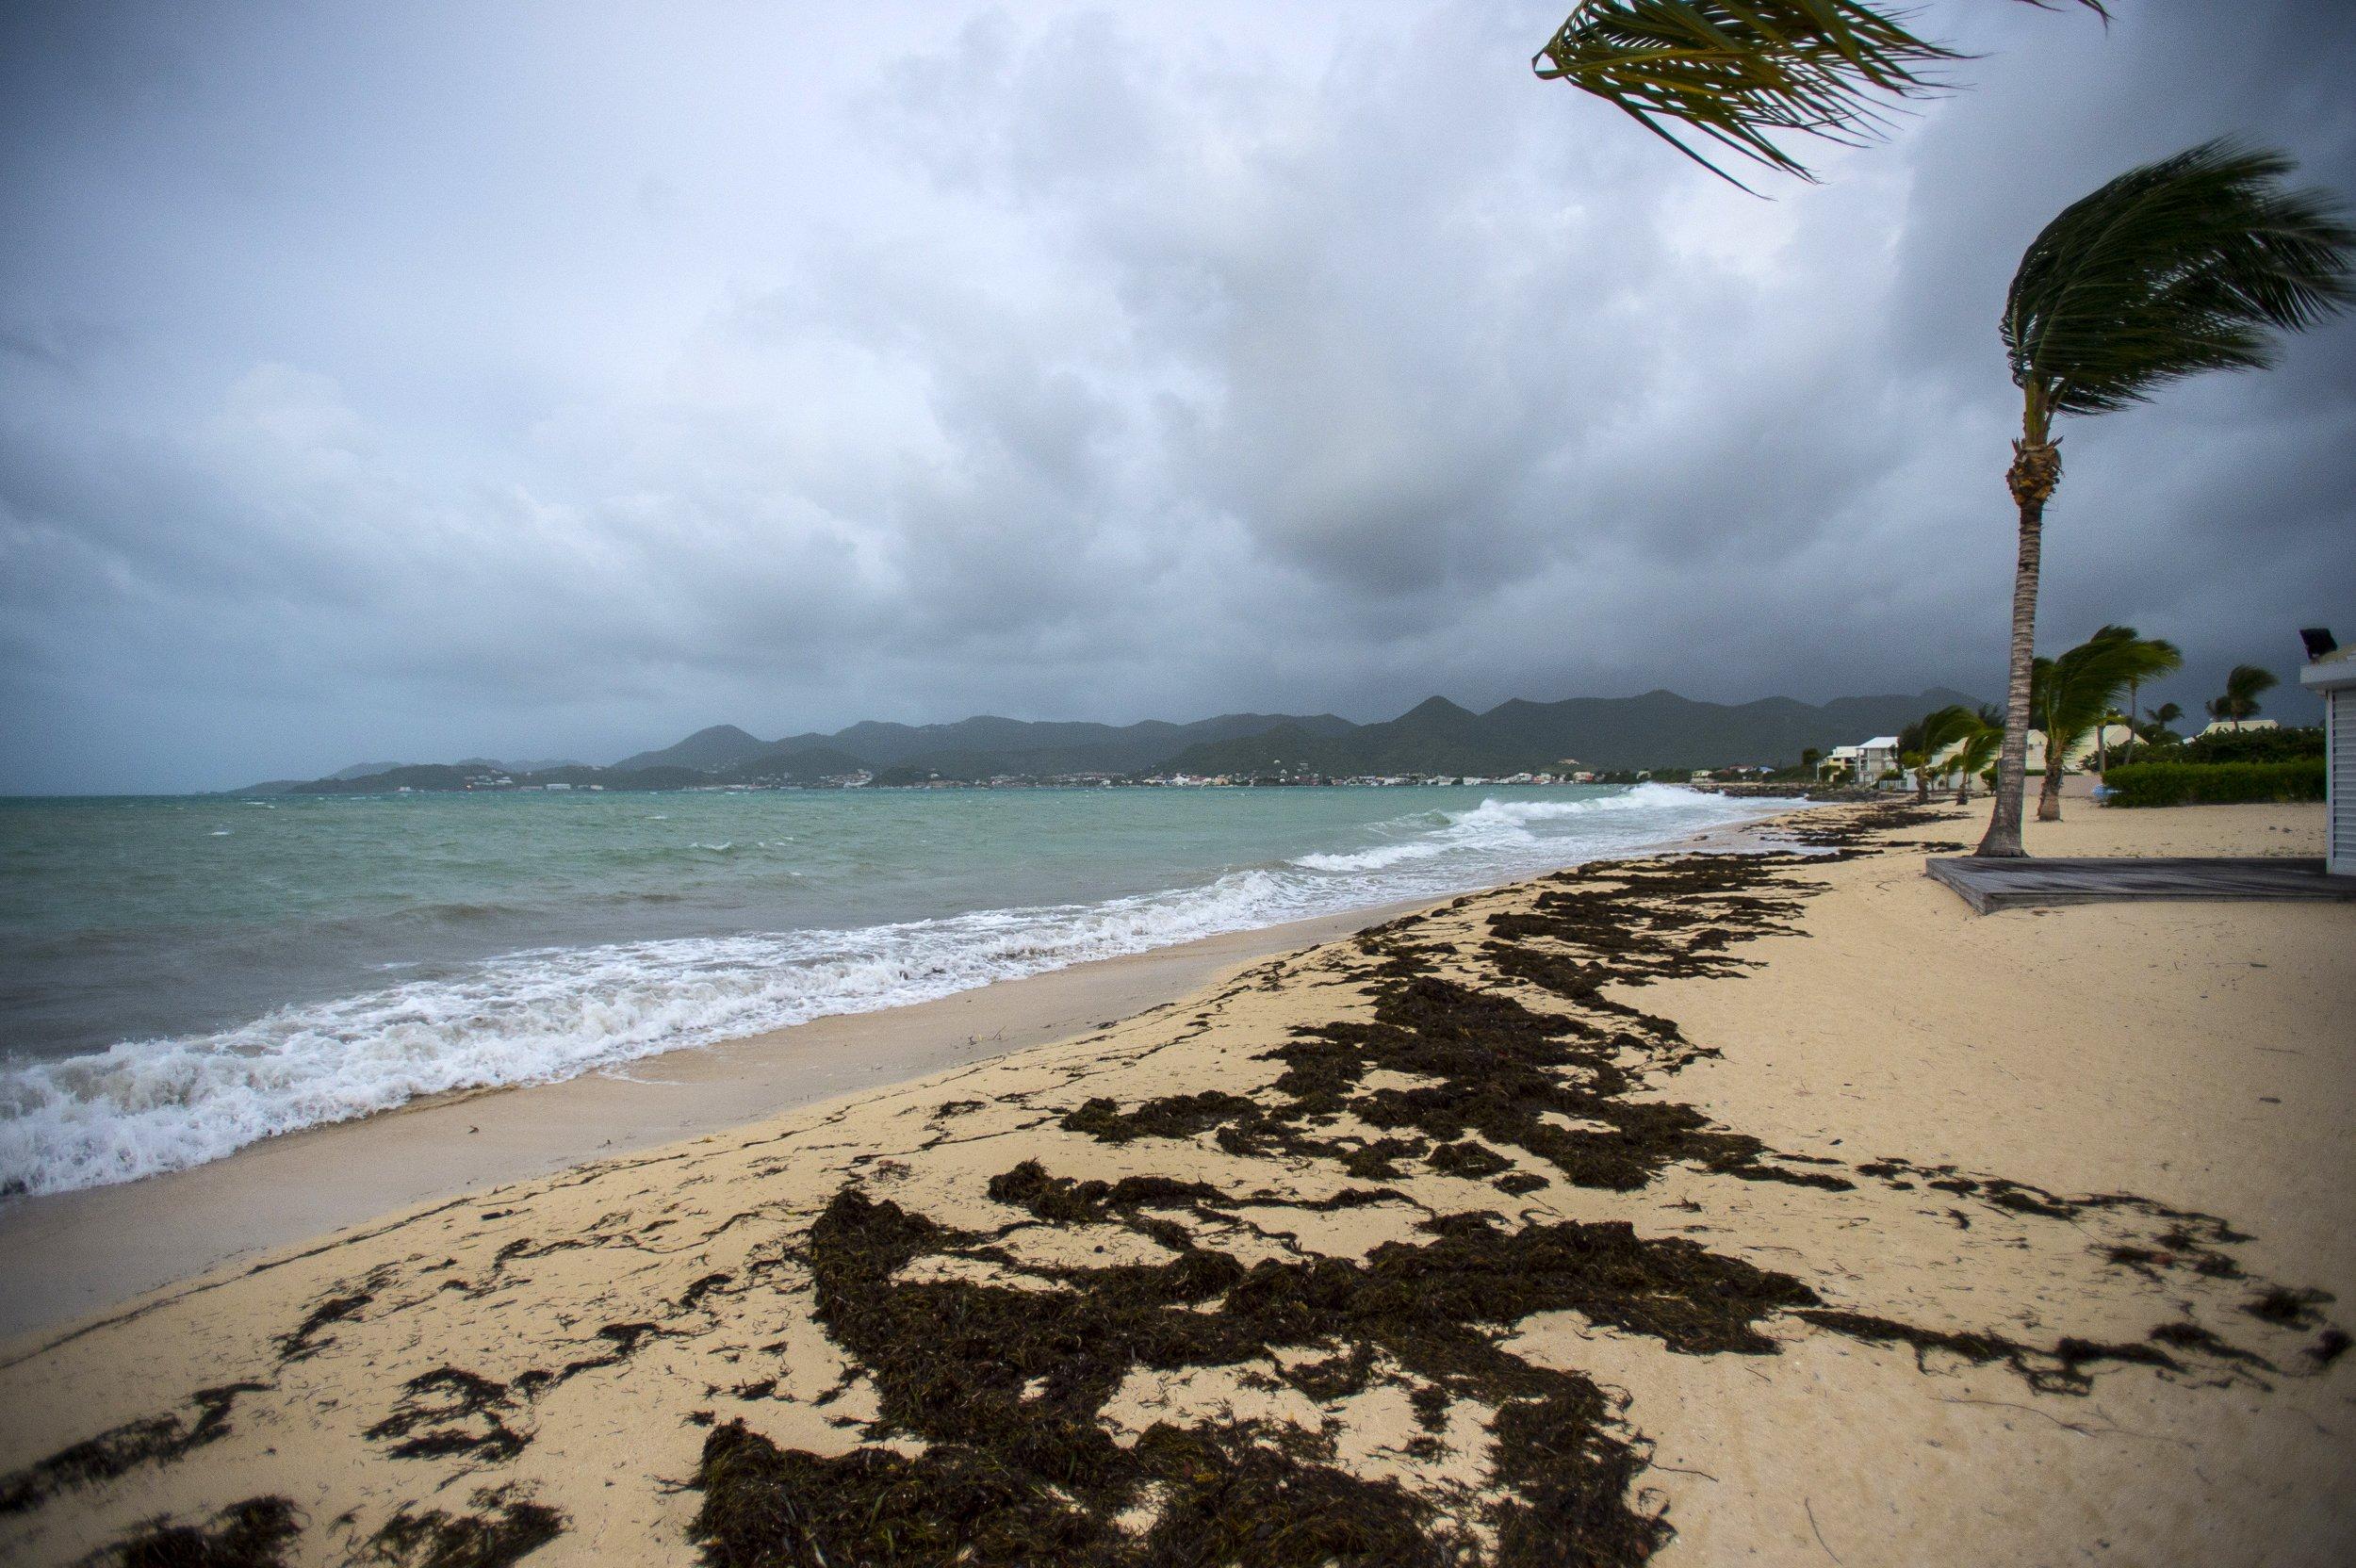 Saint Martin before Hurricane Irma